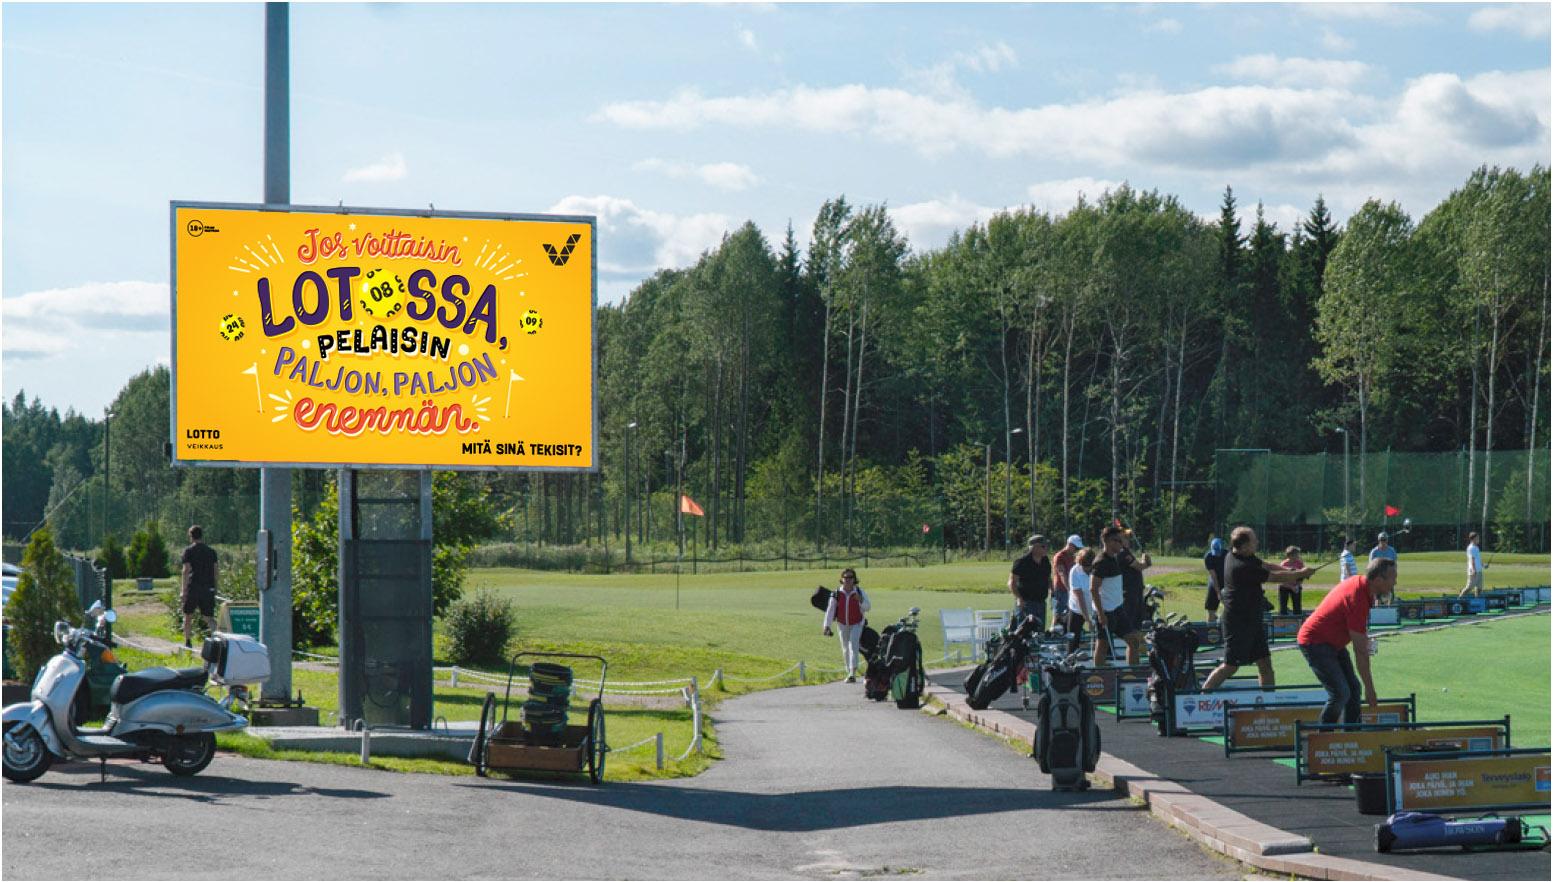 Lotto_golf_pelaisin paljon enemmän.jpg